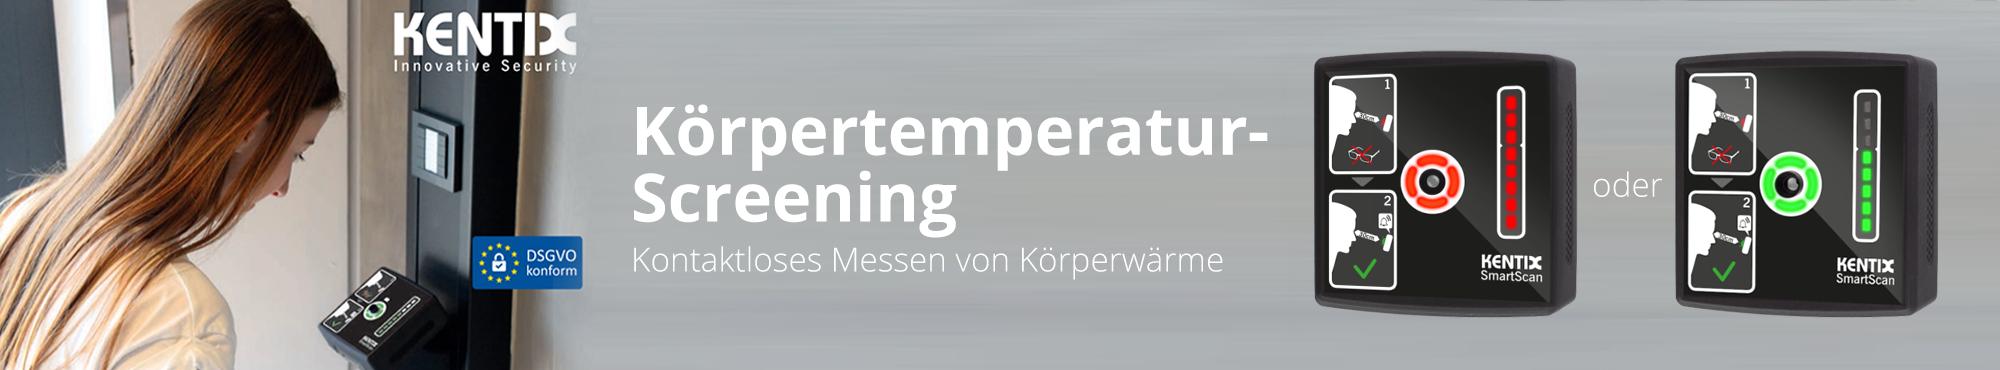 Fieberscreening mit Kentix SmartXcan